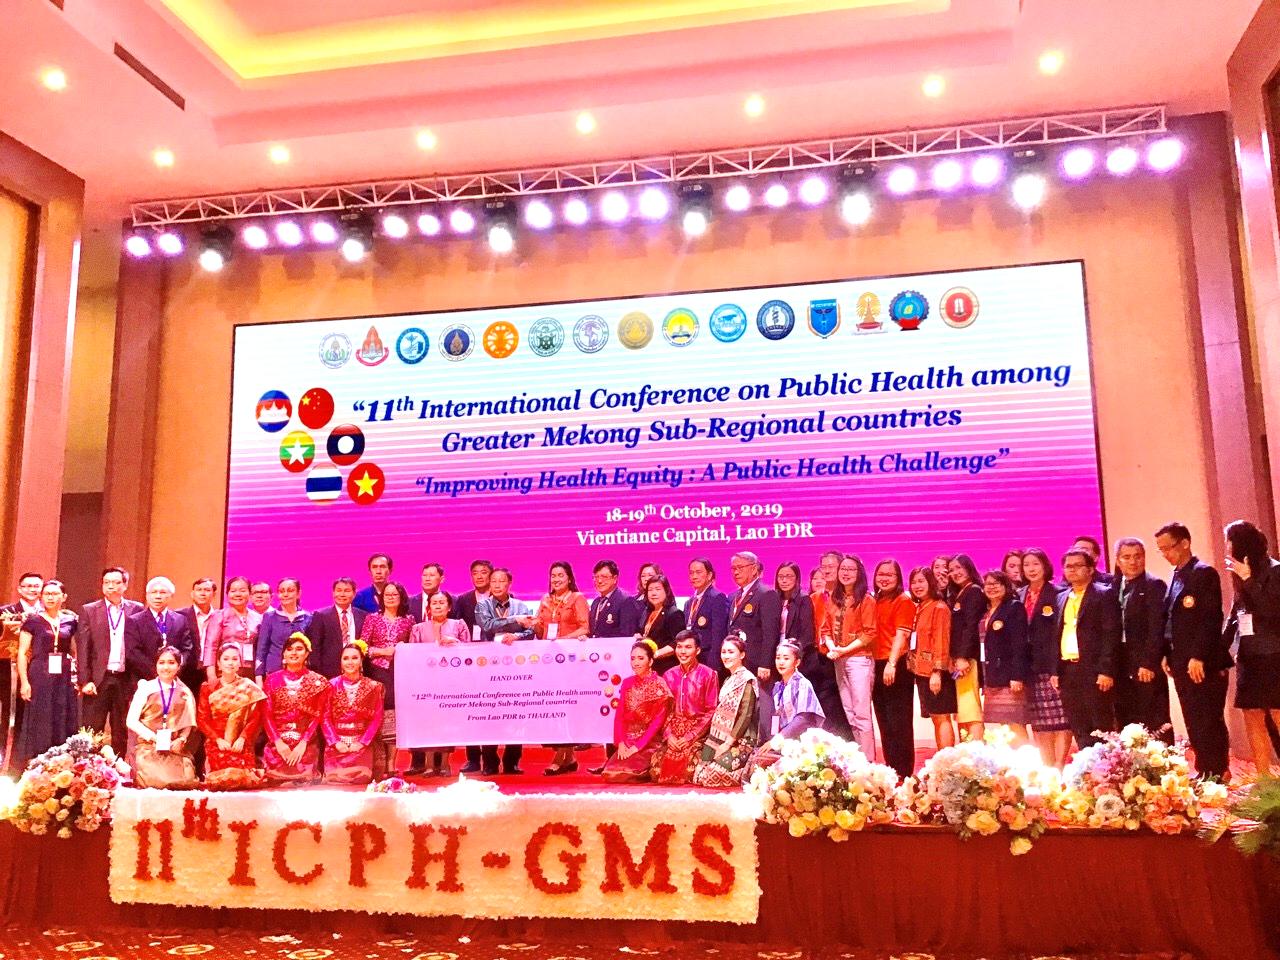 Trường Đại học Y Dược Huế tham dự Hội nghị quốc tế về Y tế công cộng các nước tiểu vùng sông Mekong mở rộng lần thứ 11 tại Lào